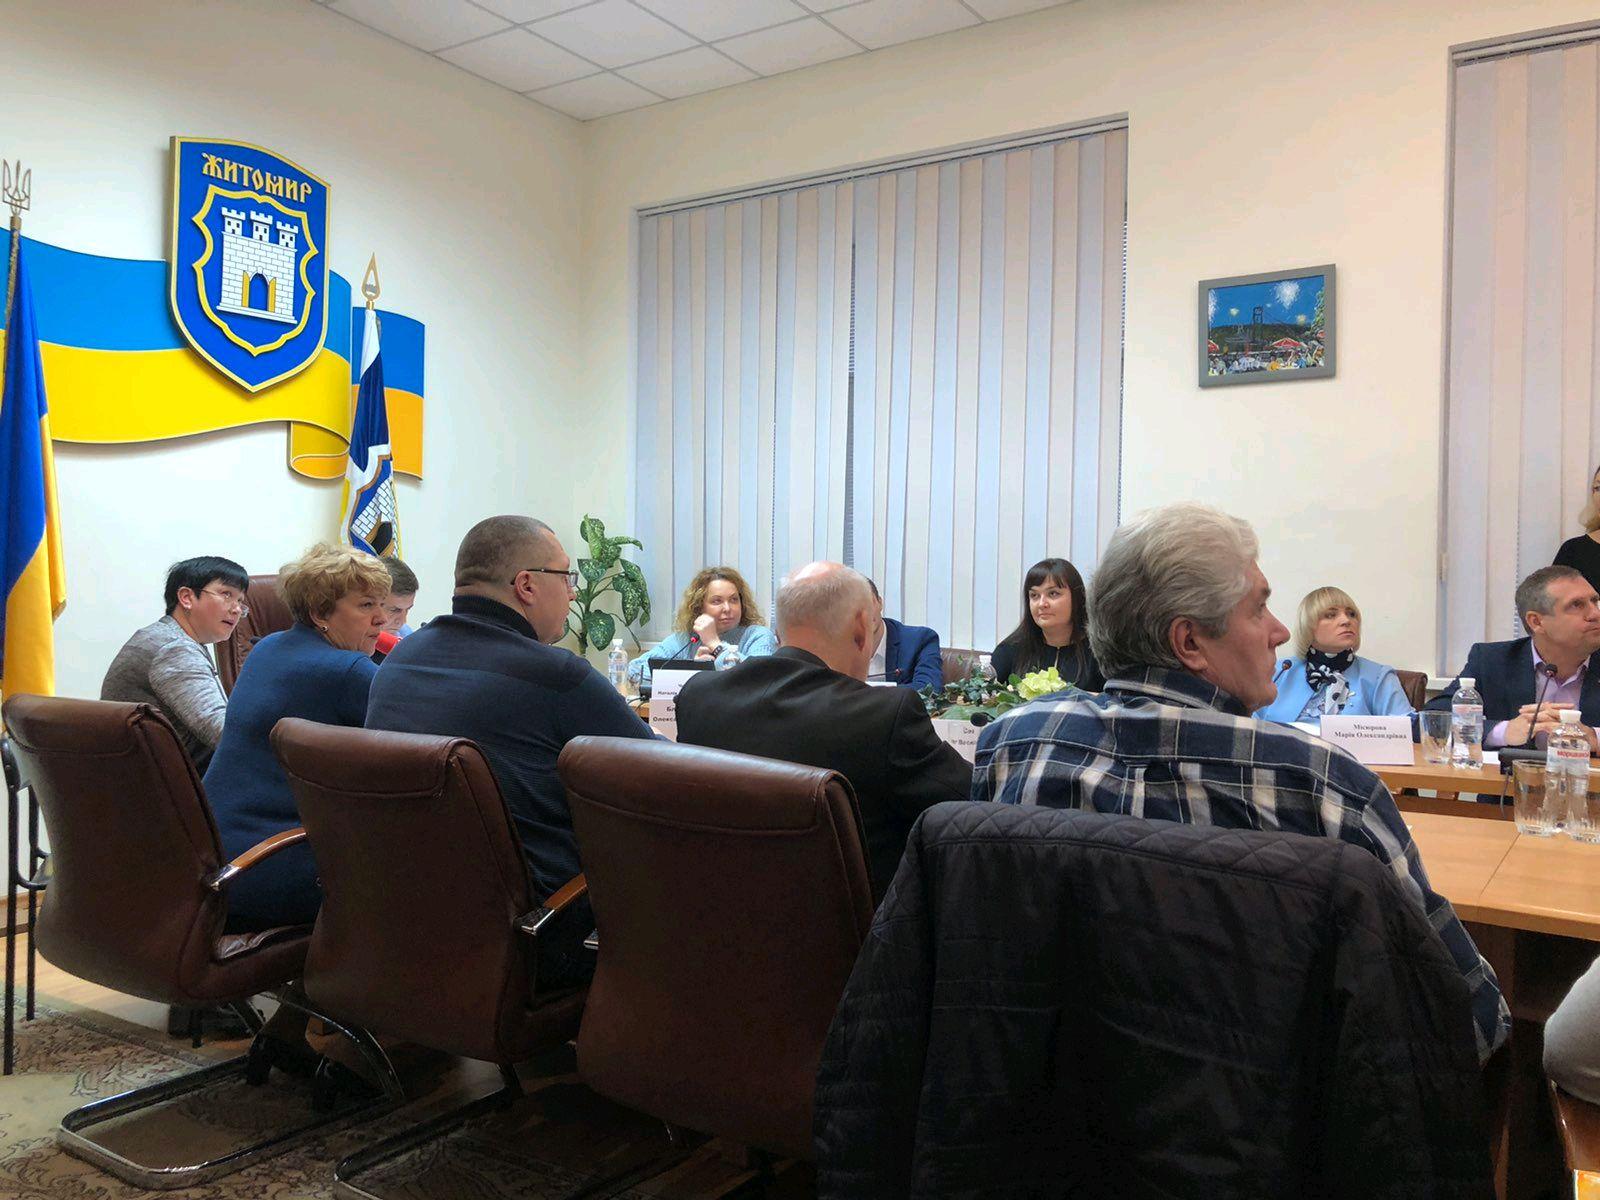 Житомирян запрошують на футбольний матч до Дня десантно-штурмових військ